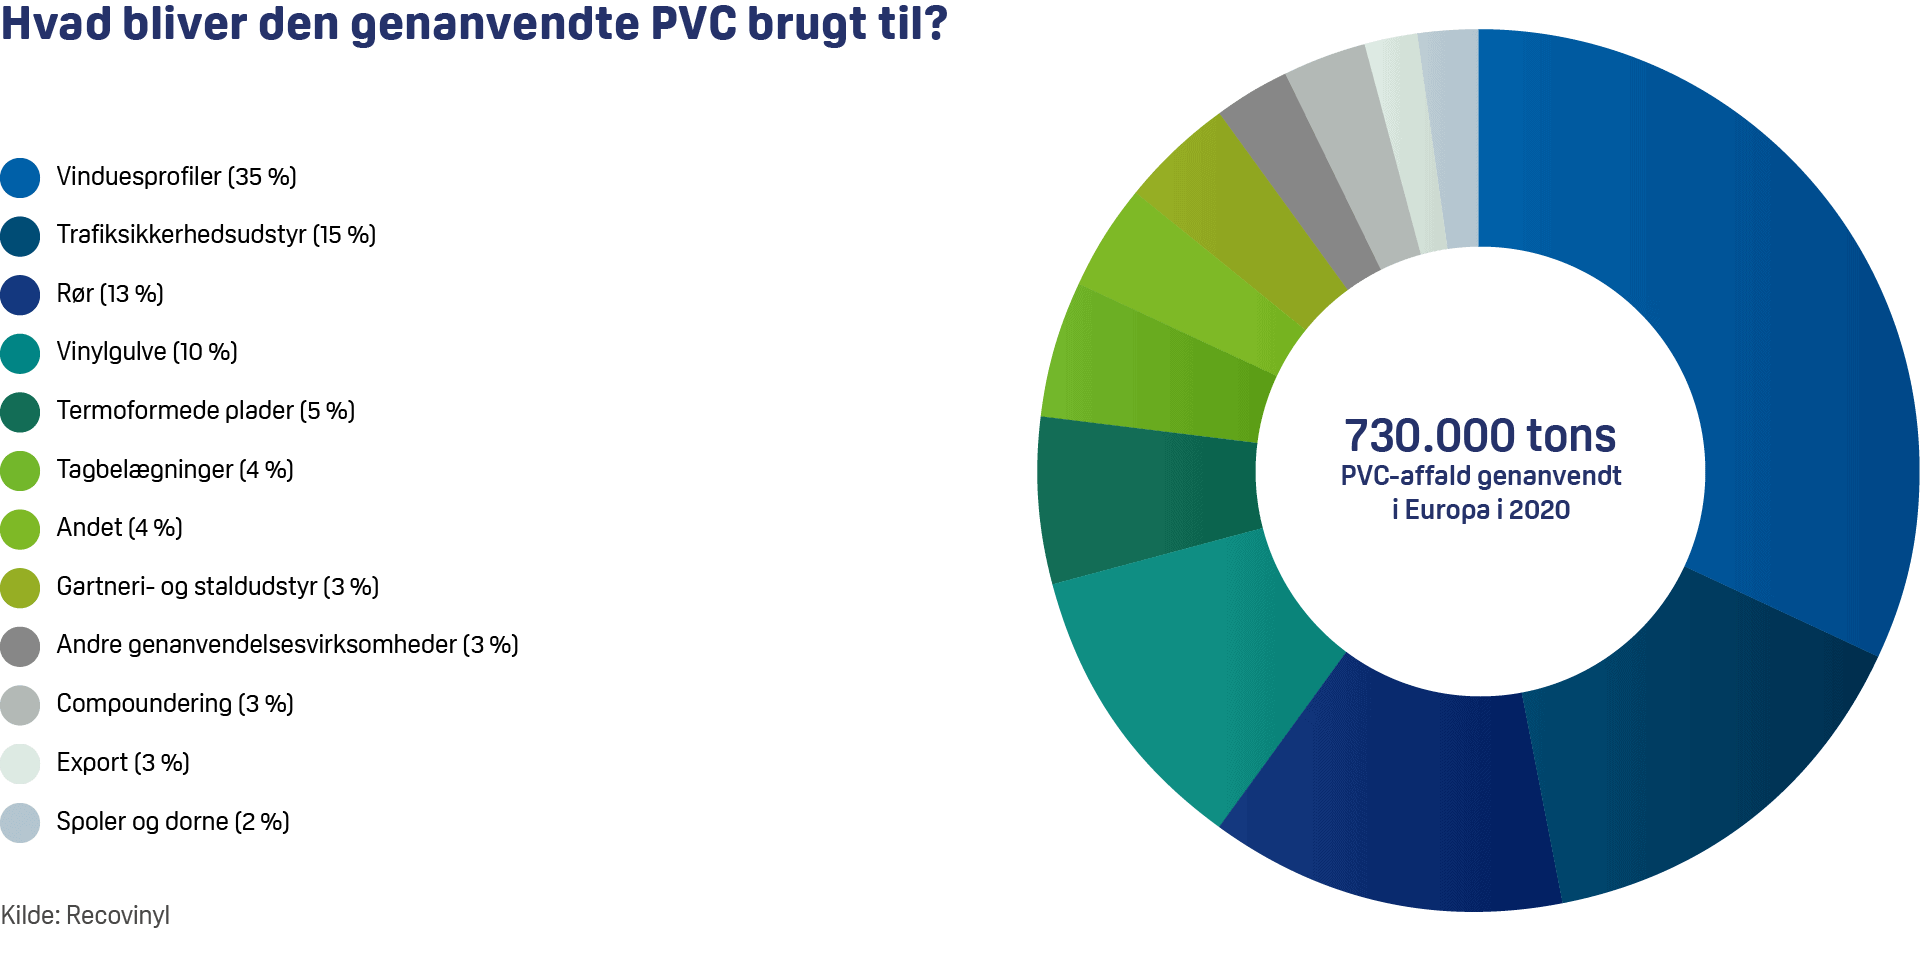 Anvendelse-af-genanvendt-PVC-2021